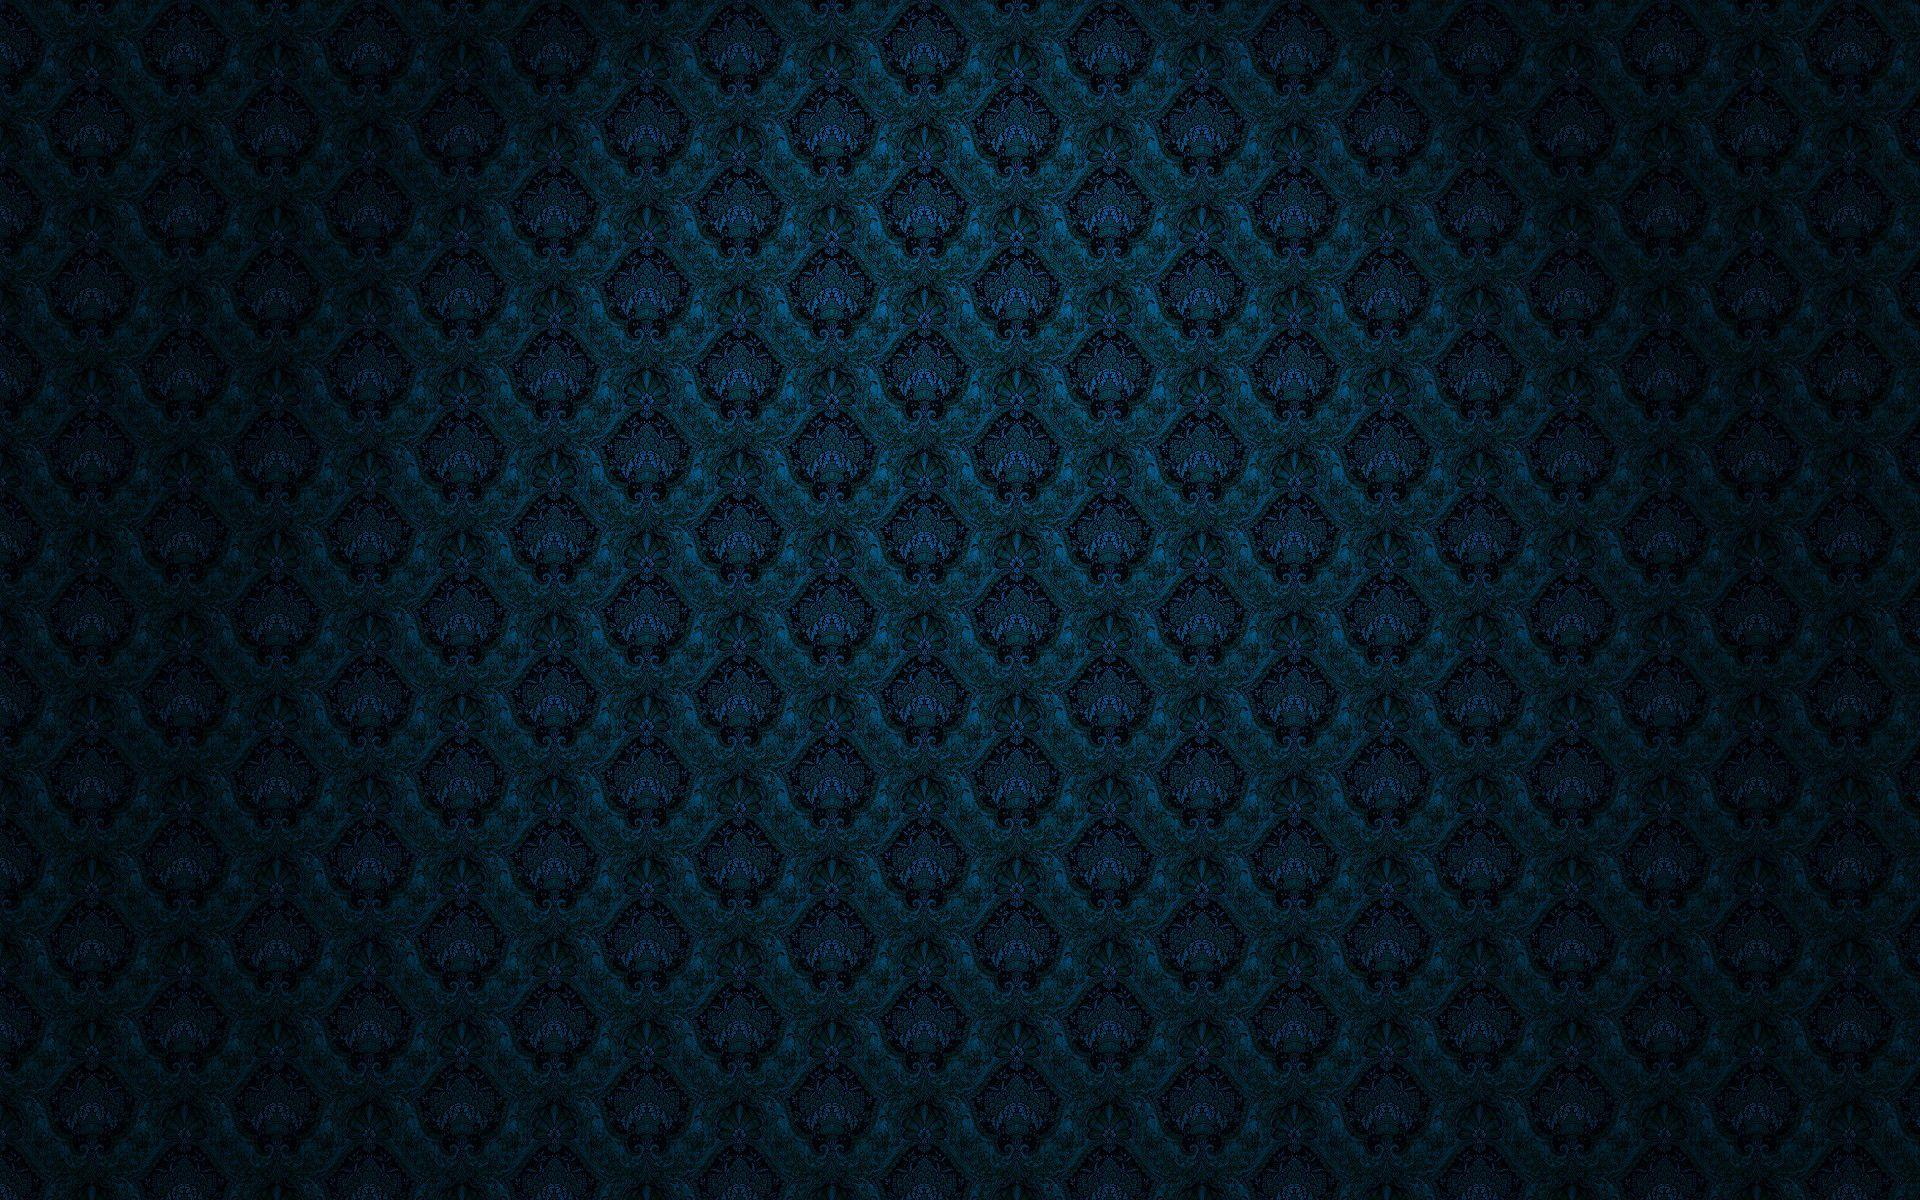 134468 скачать обои Текстуры, Материал, Орнамент, Фон, Текстура, Узоры - заставки и картинки бесплатно